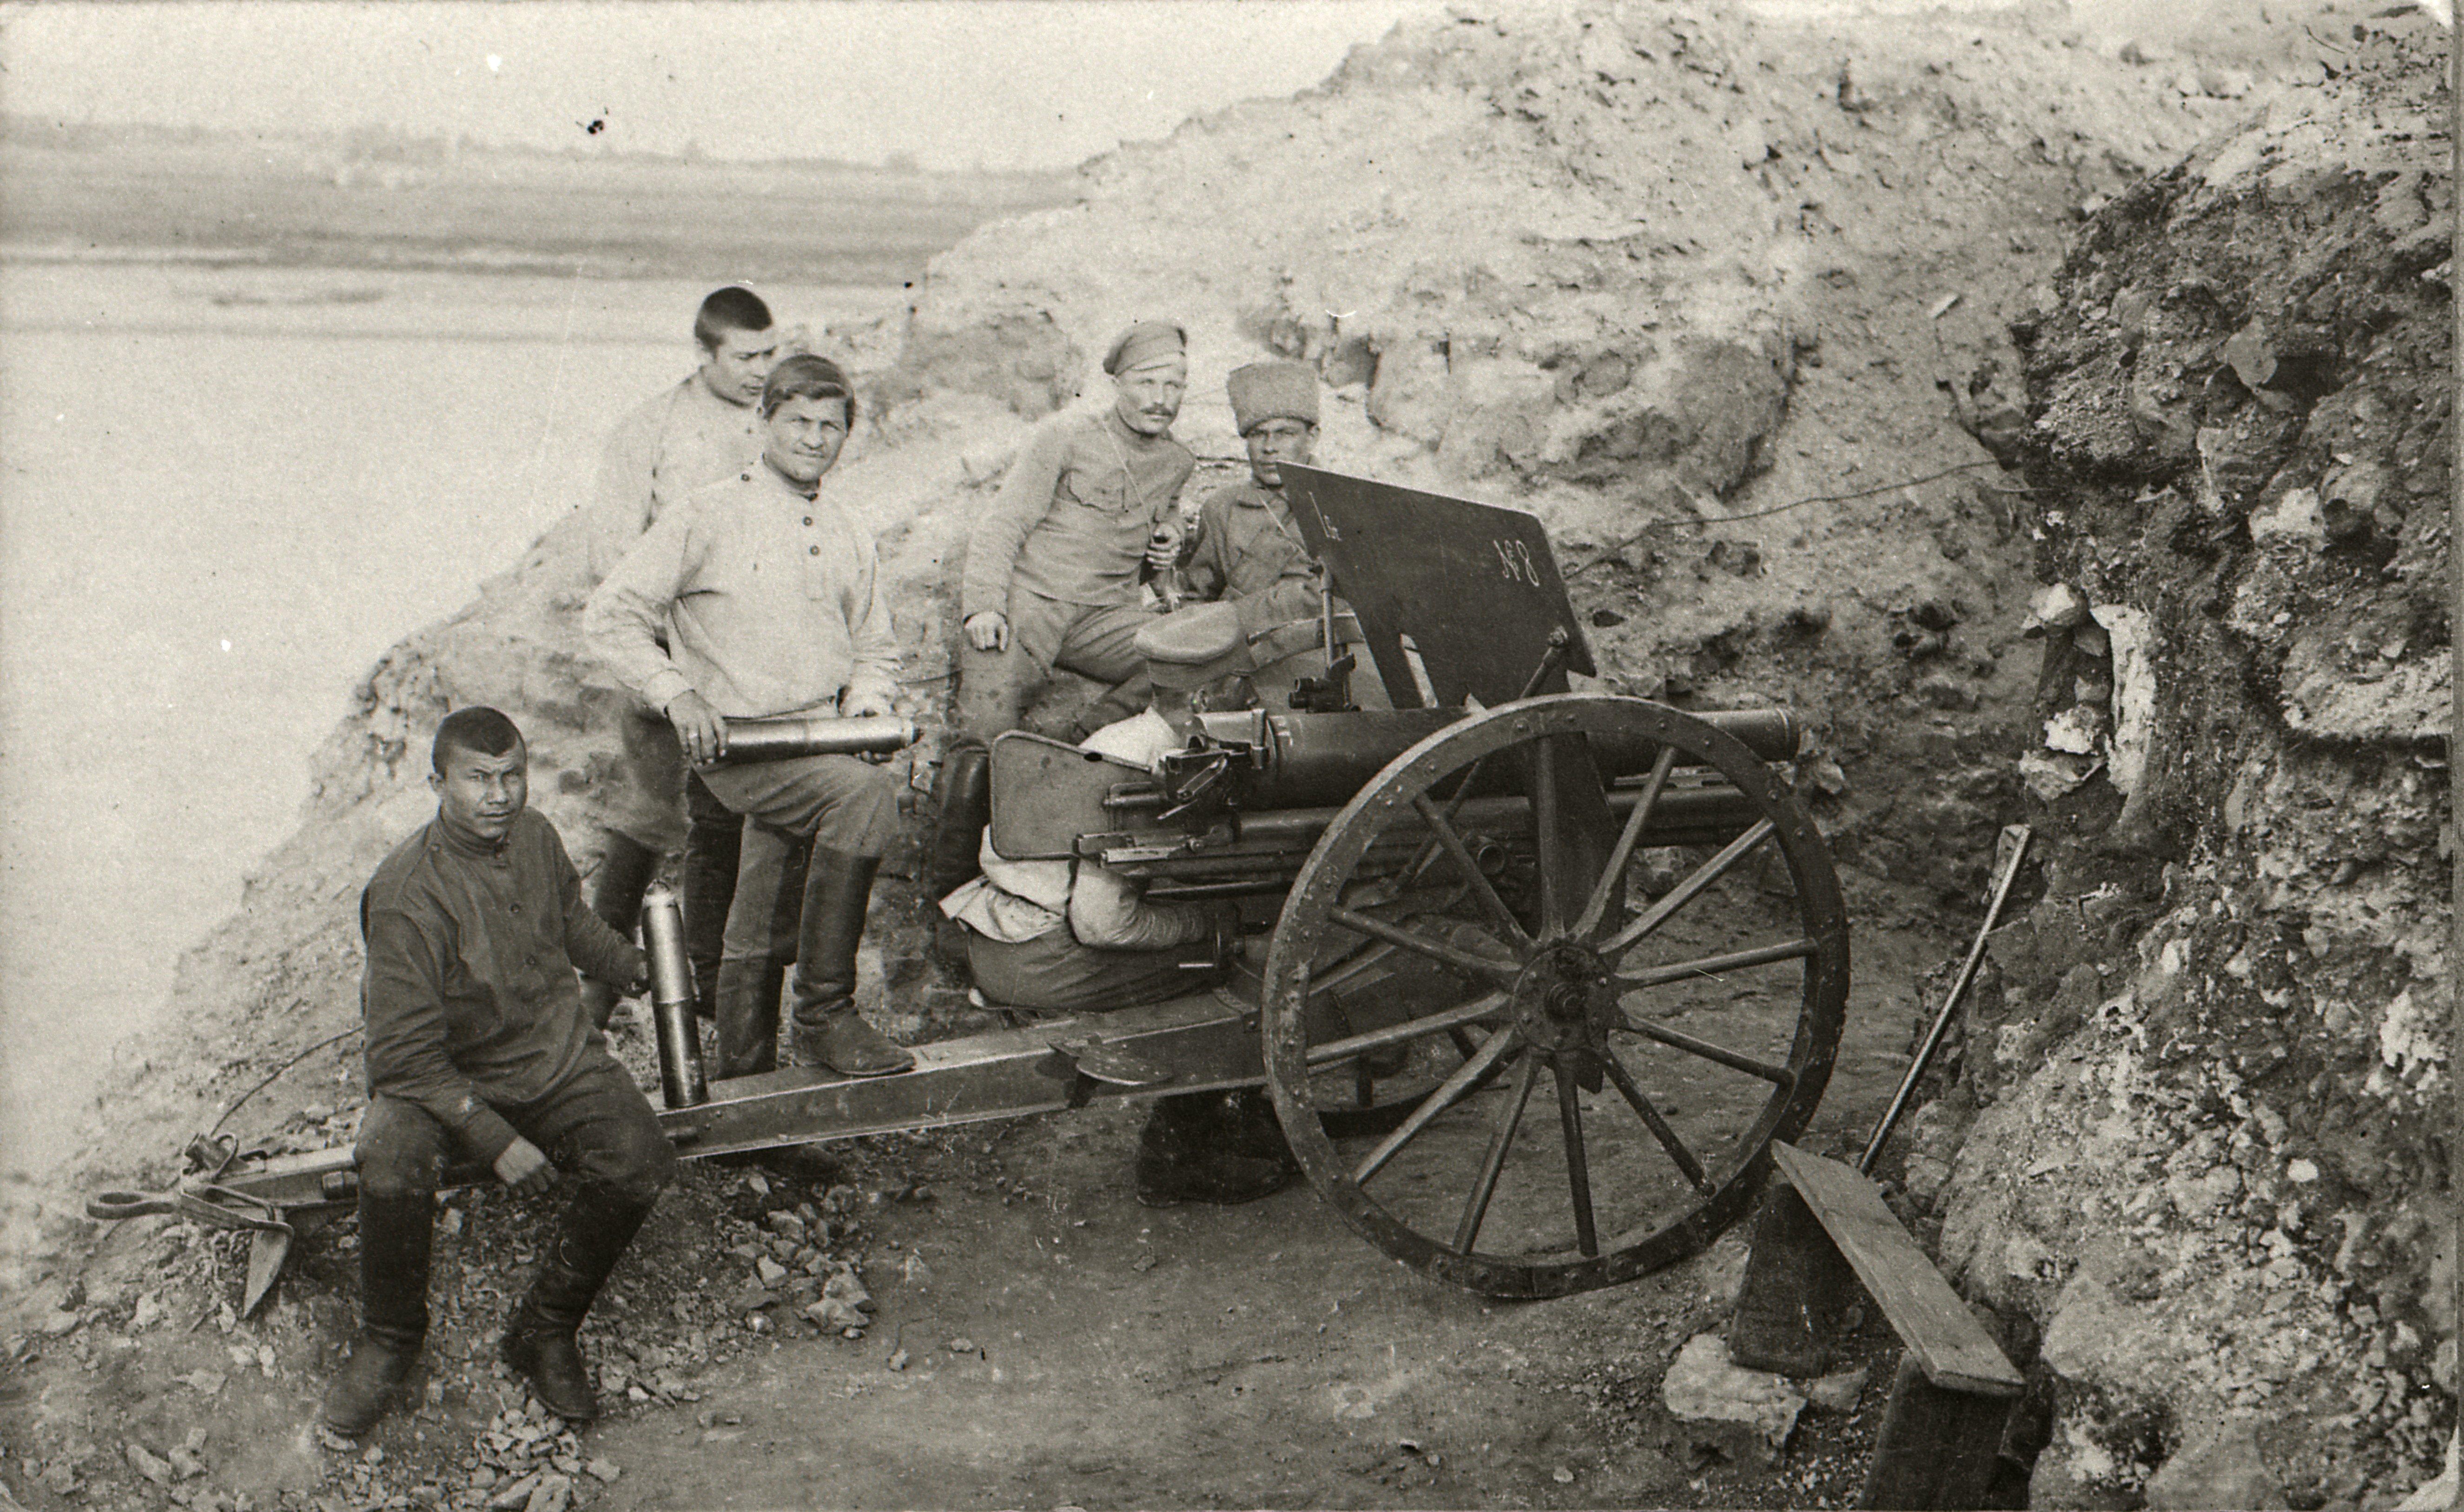 Vene 33. jalaväediviisi suurtükibrigaadi sõdurid positsioonil Daugava jõe ääres Ükskülas. EFA.732.0-380590